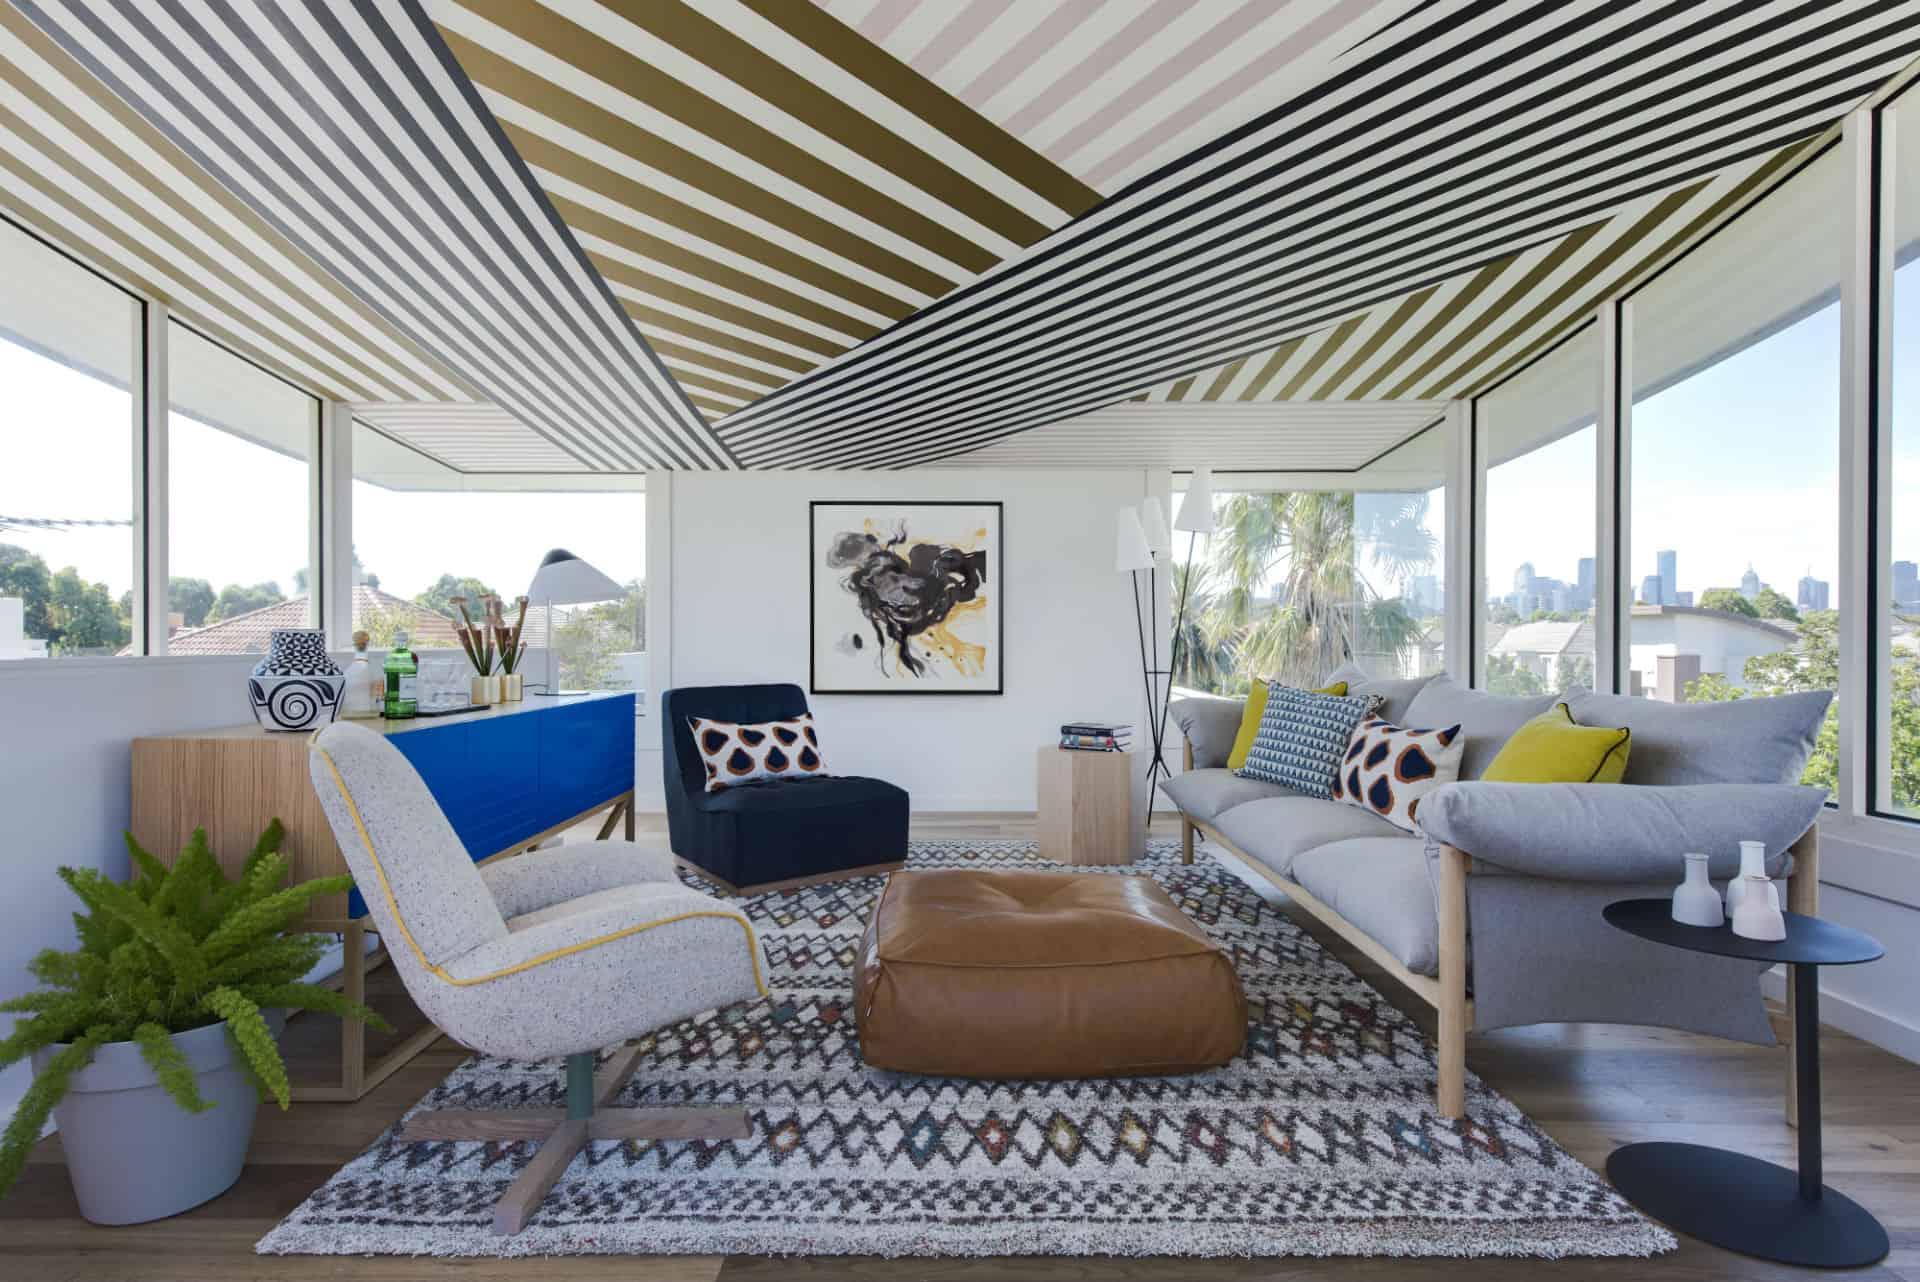 Port Melbourne Beach House interior design